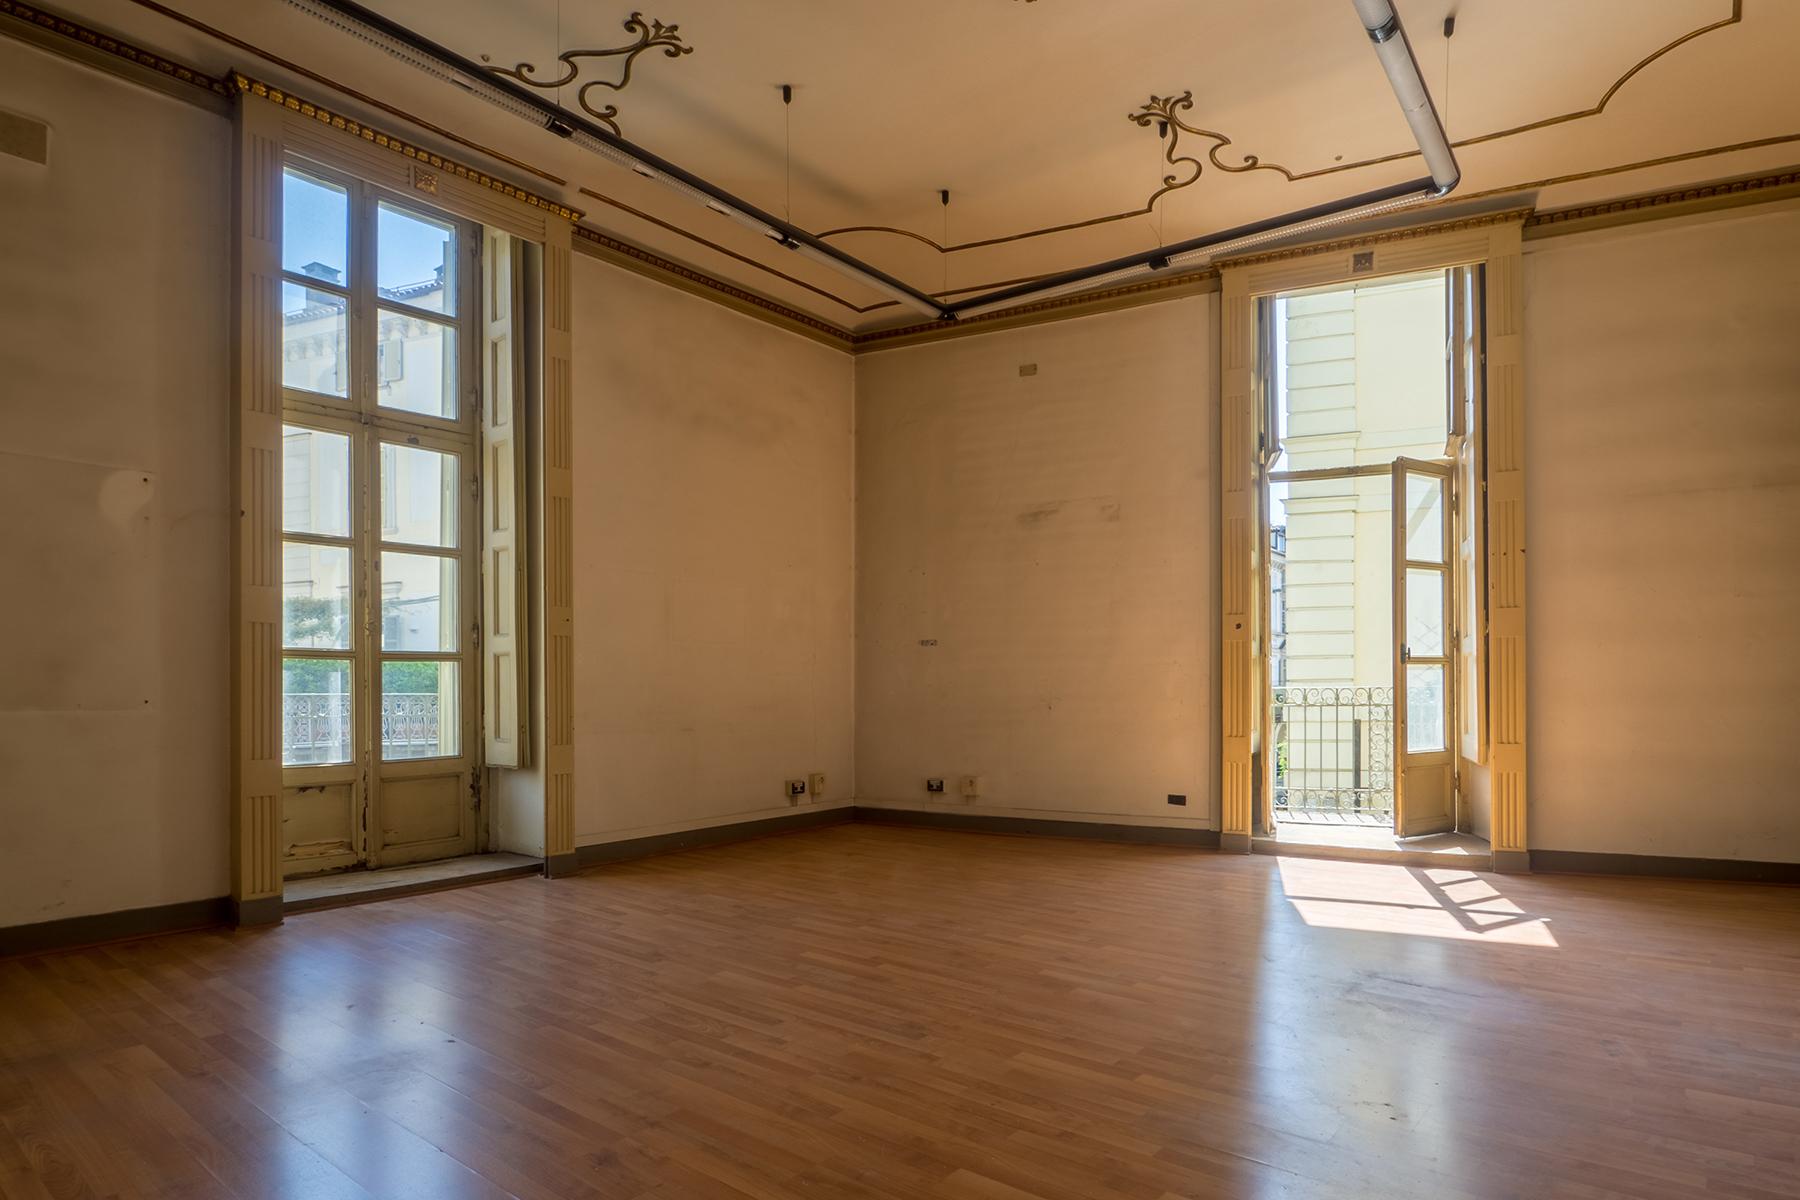 Ufficio-studio in Affitto a Torino: 5 locali, 676 mq - Foto 2